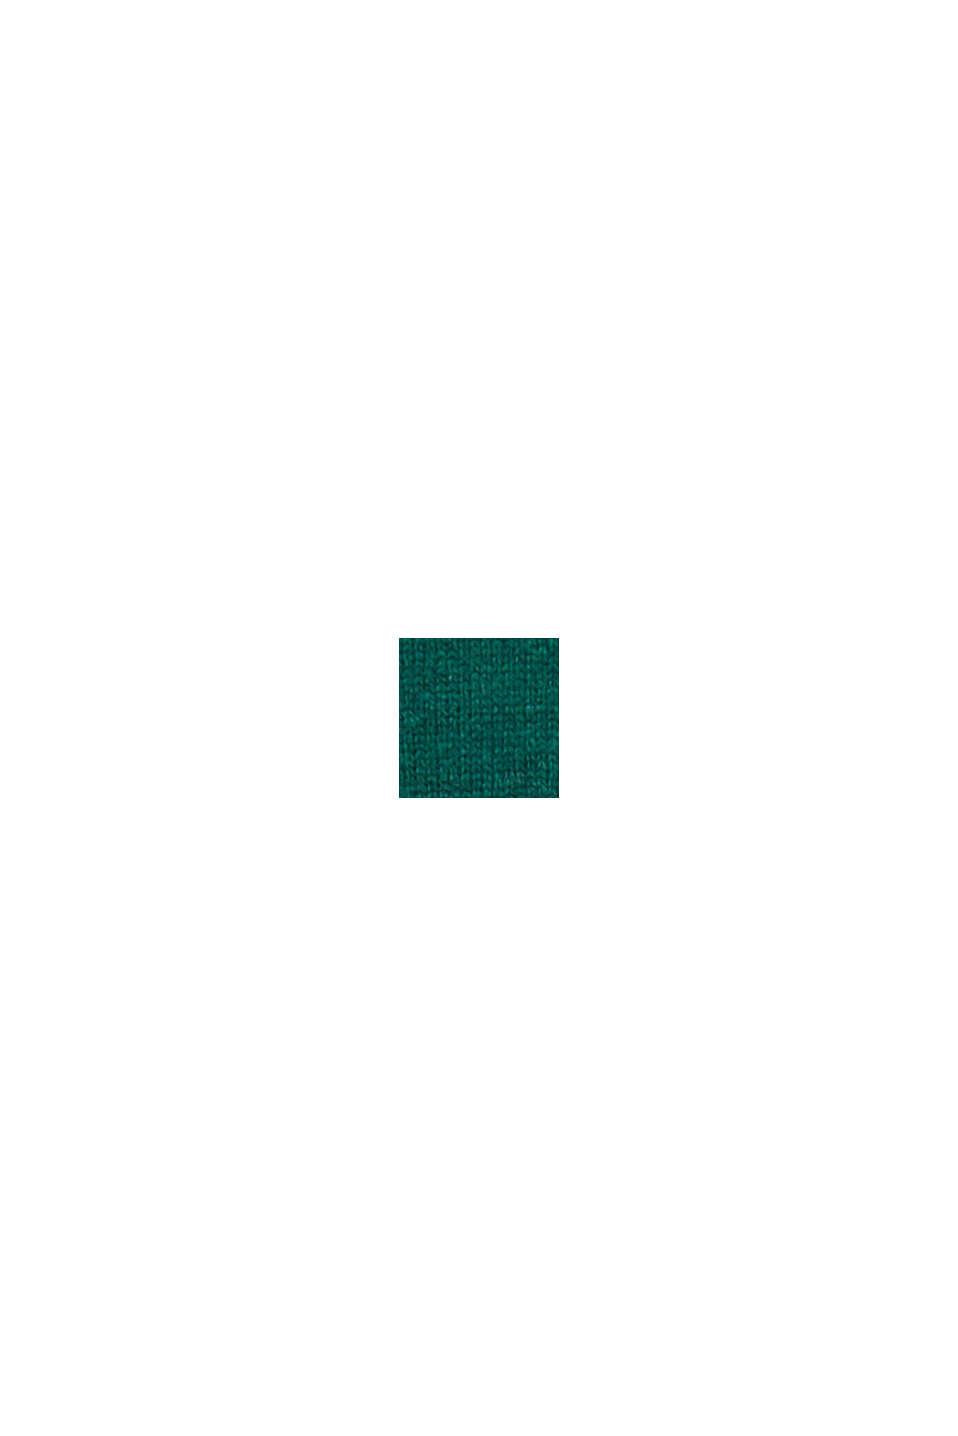 En laine éco-responsable: le pull-over en laine RWS, BOTTLE GREEN, swatch